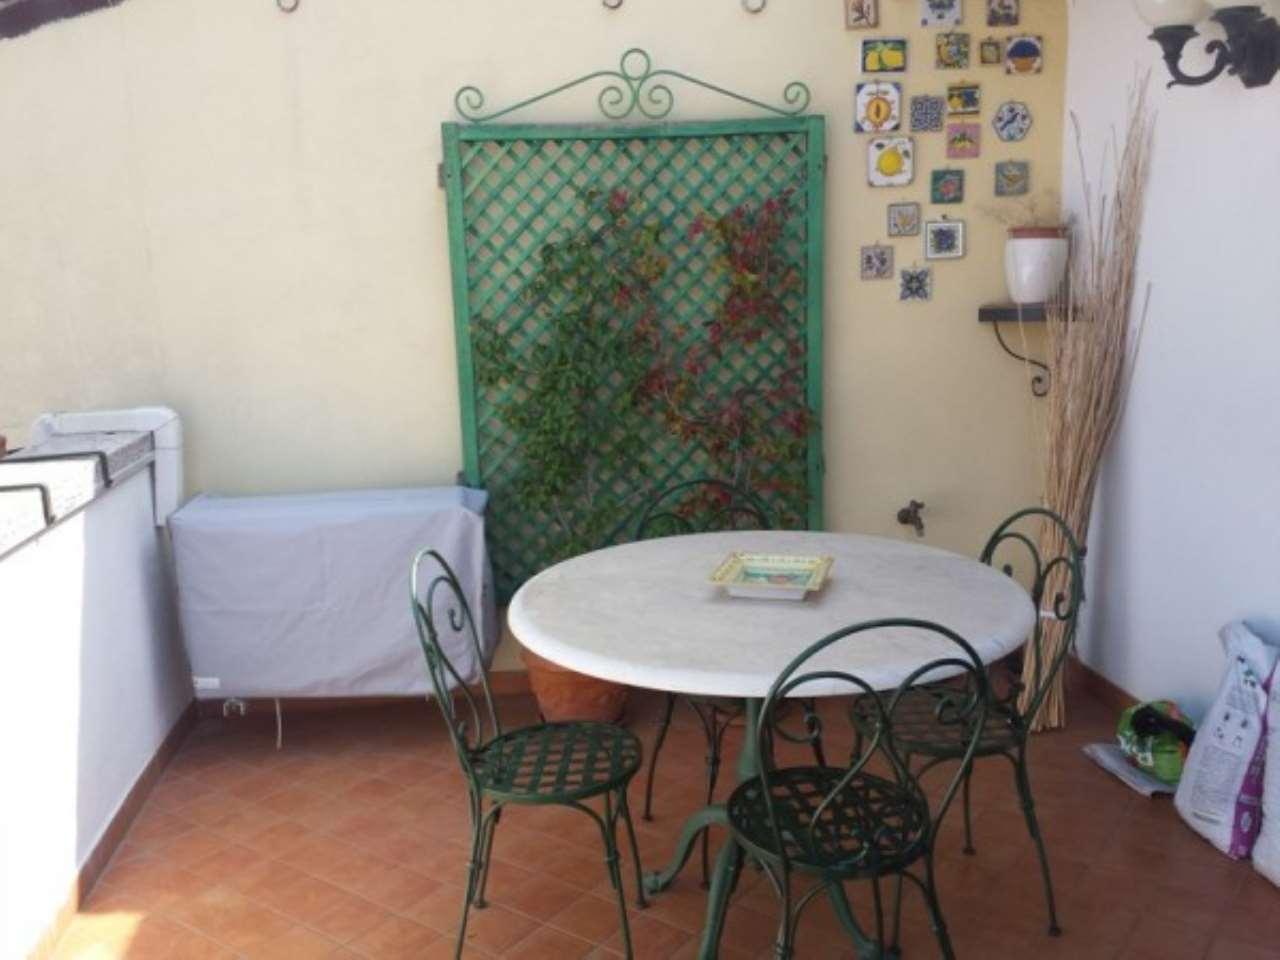 Appartamento in vendita a Venezia, 5 locali, zona Zona: 5 . San Marco, prezzo € 670.000   Cambio Casa.it